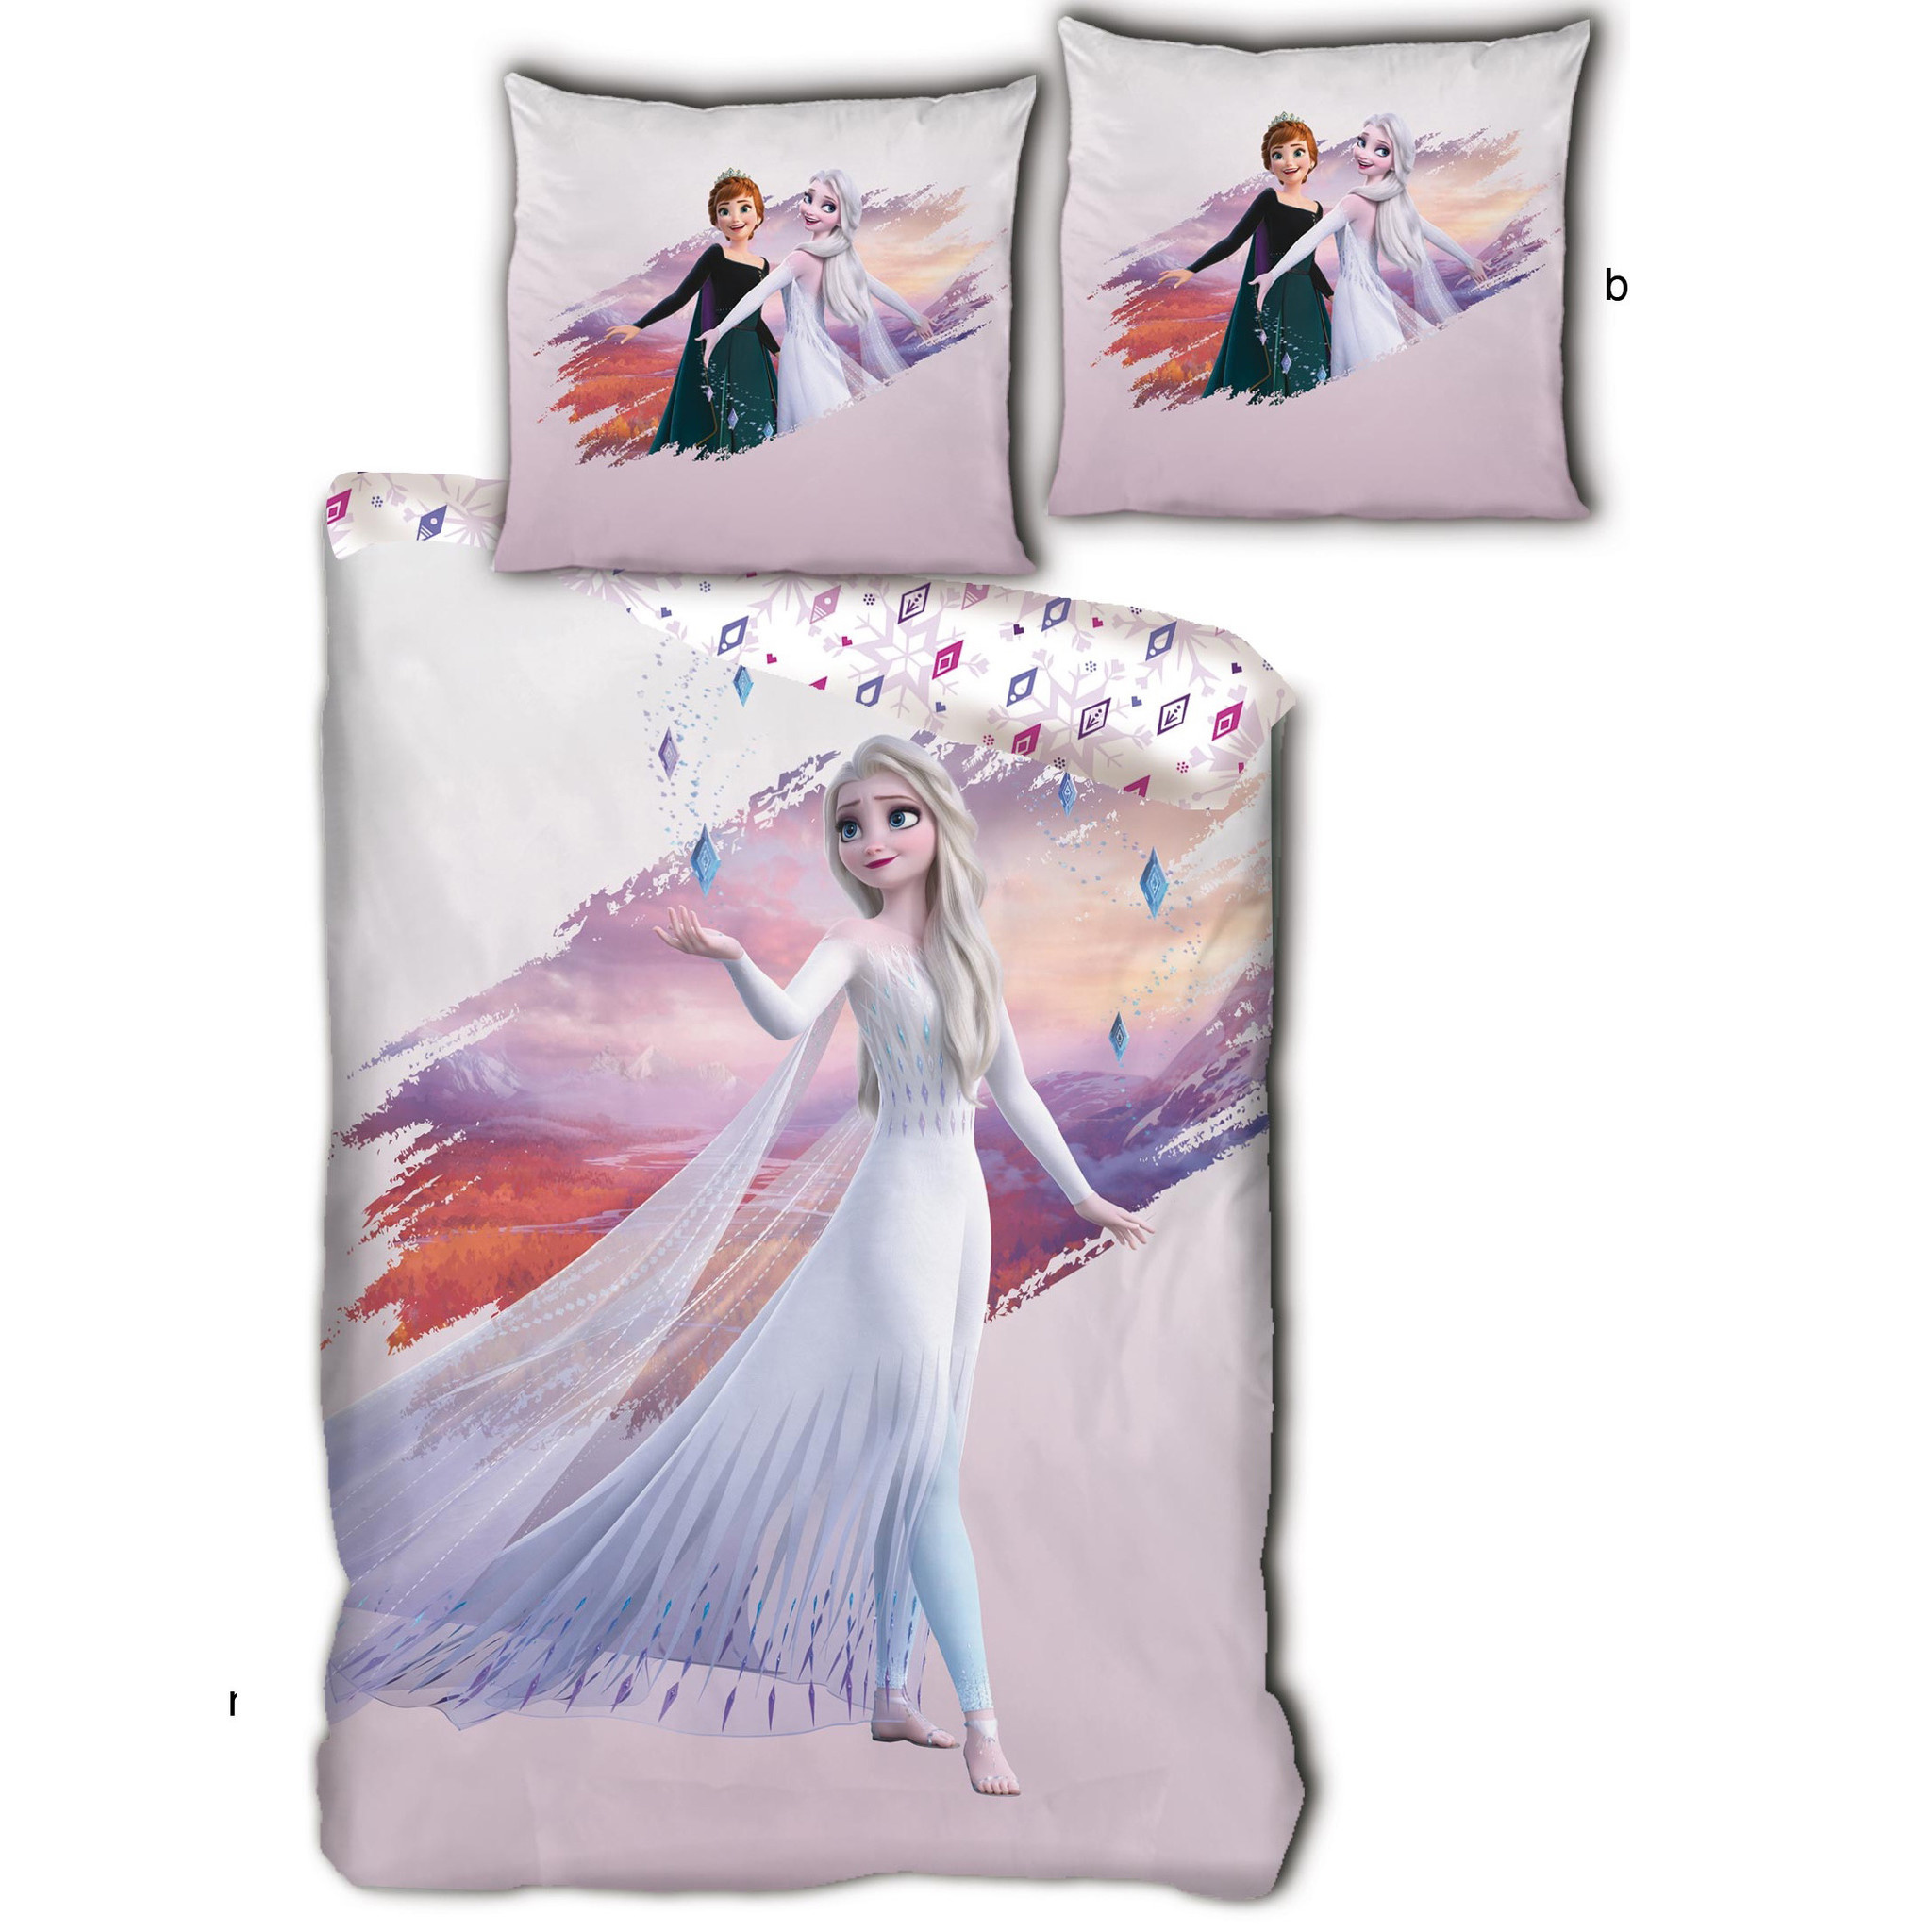 Disney Frozen Duvet cover Elsa - Single - 140 x 200 cm - Polyester